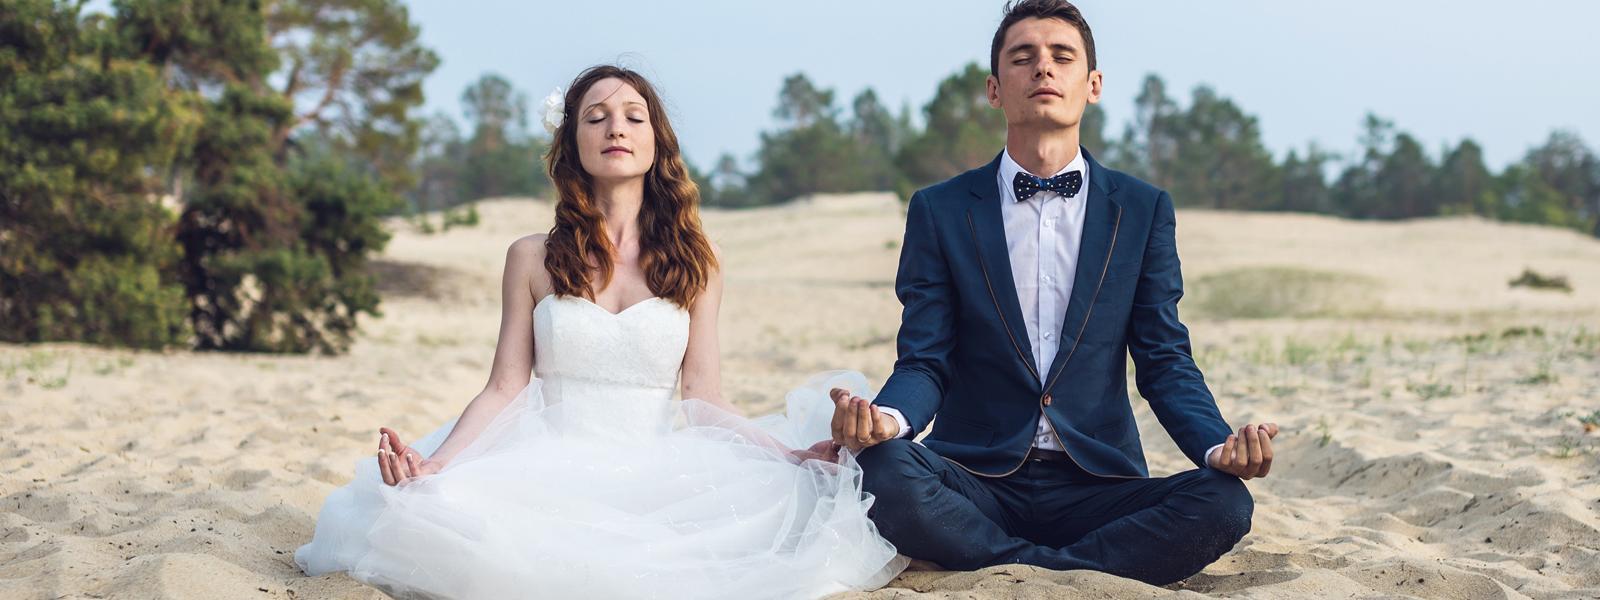 Couple De-stress For Their Wedding